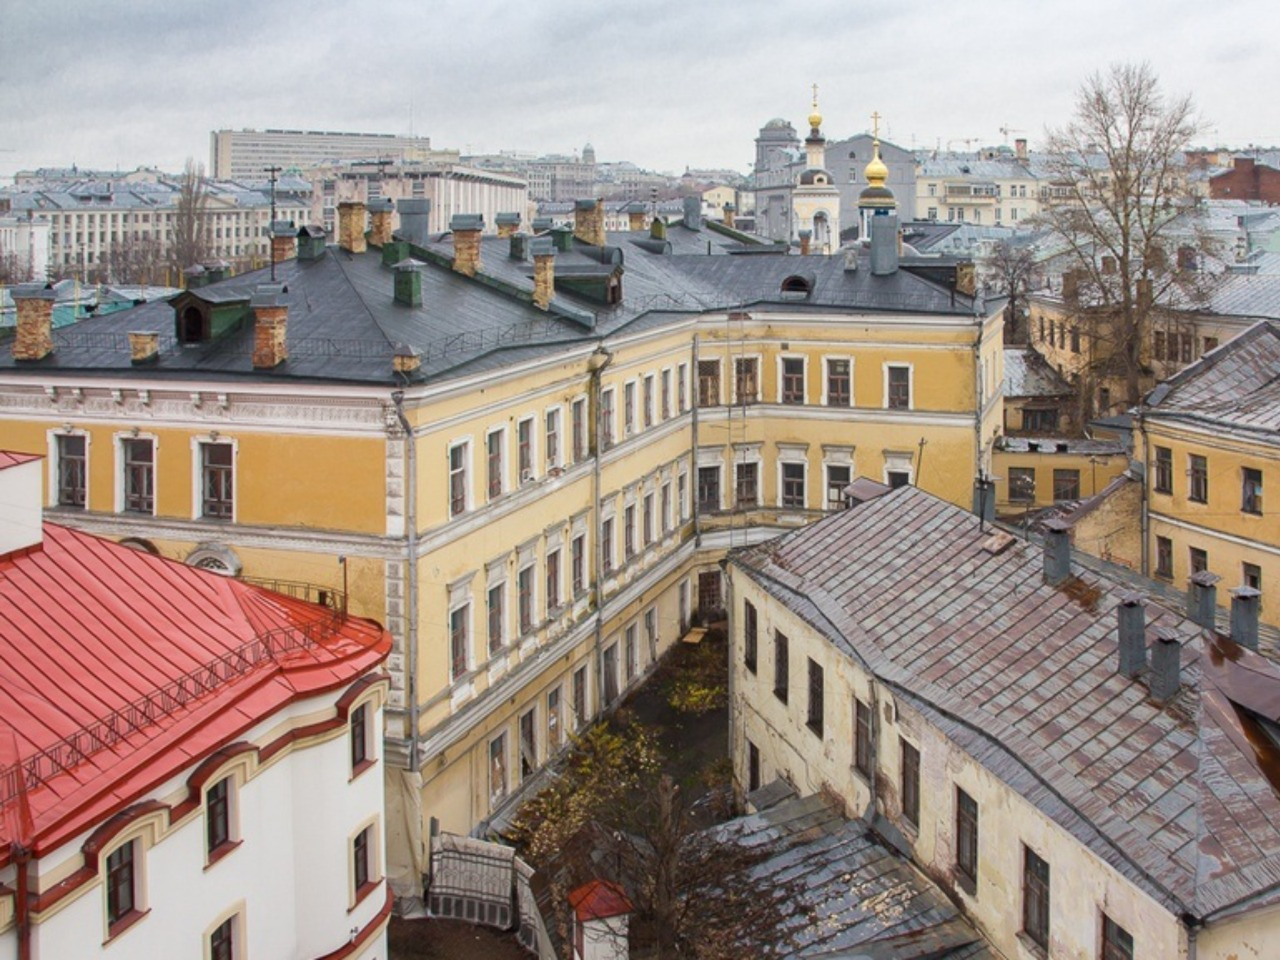 Тайны города на семи холмах - индивидуальная экскурсия по Москве от опытного гида